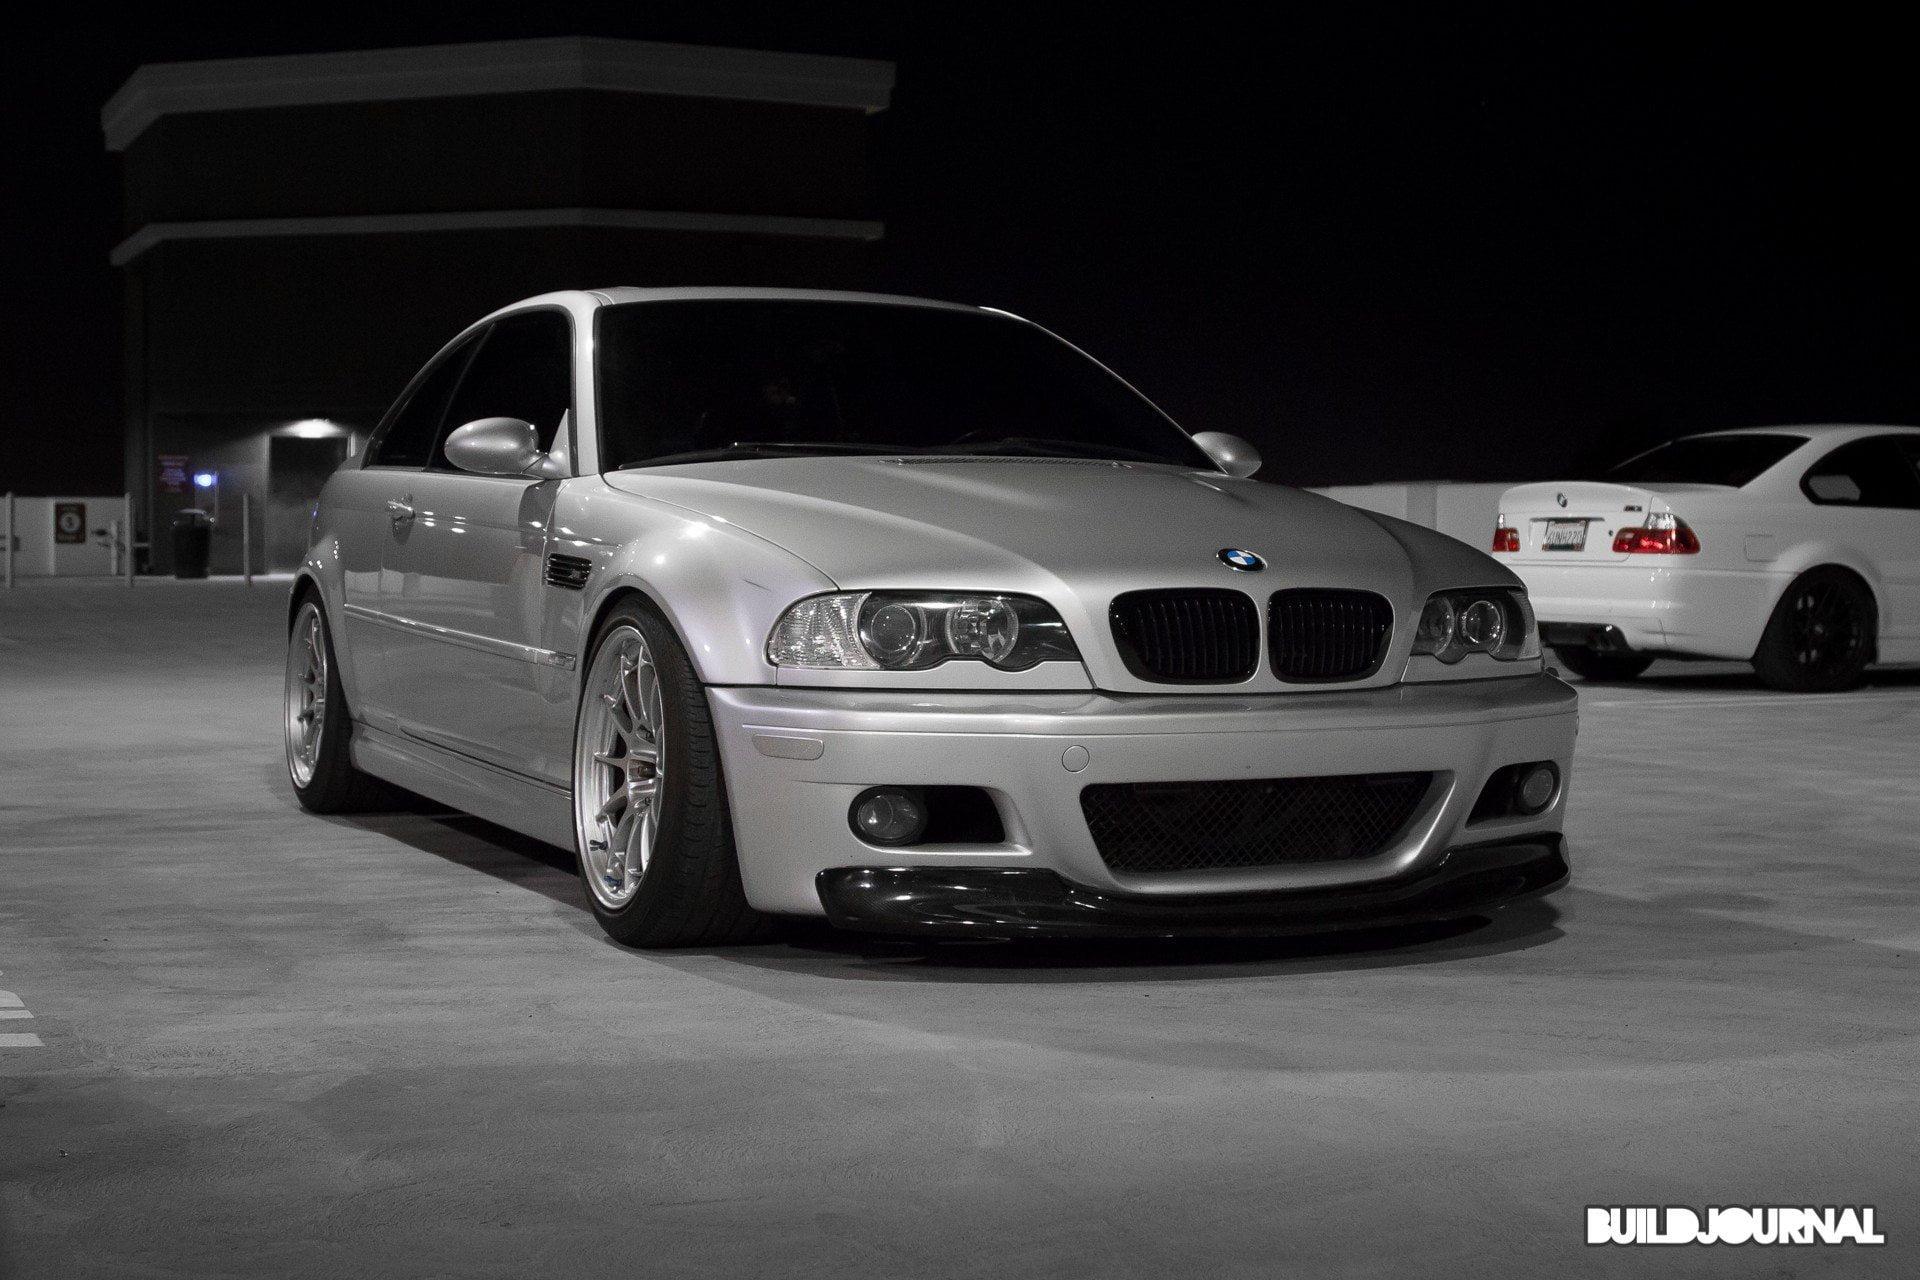 Photoshoot Oscar S Tiag And Alpine White E46 M3